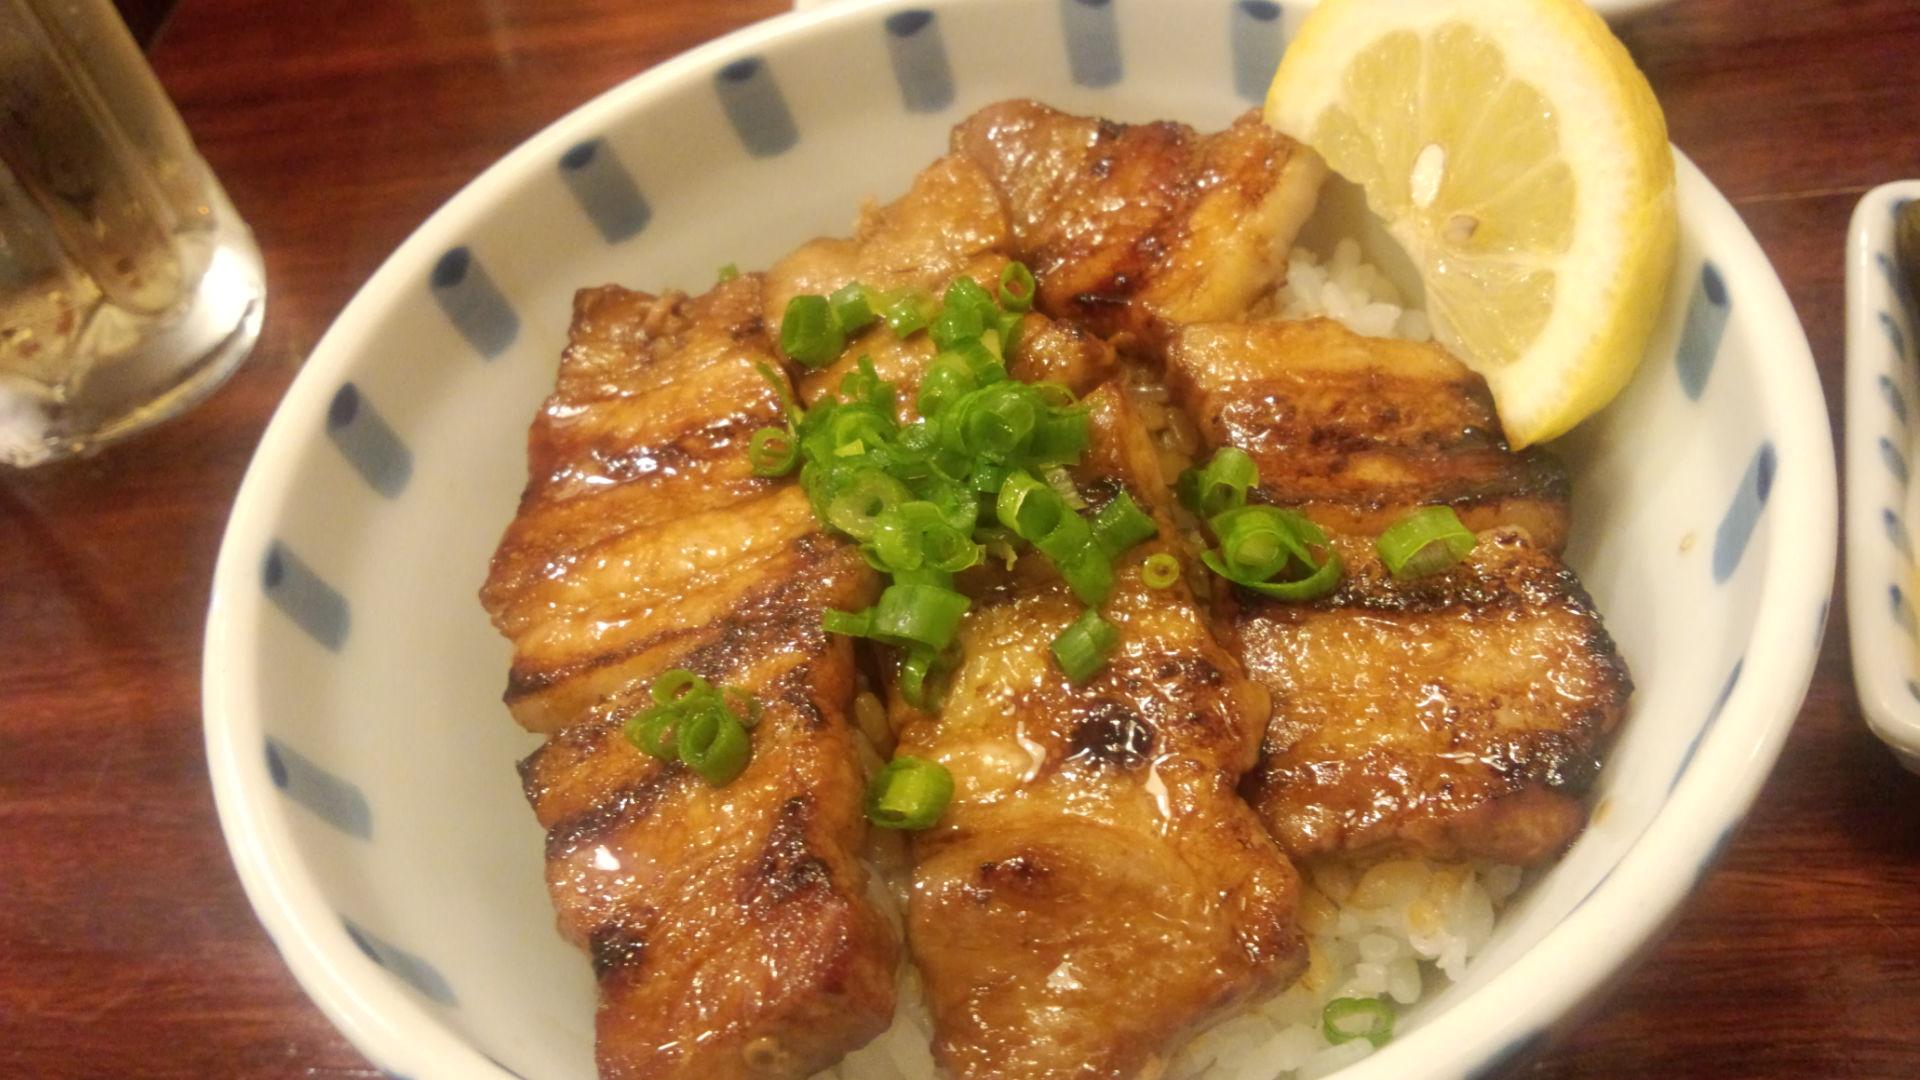 ガッツリ食べたい日にはコレ!スタミナ満点!豚バラ丼のレシピまとめのサムネイル画像